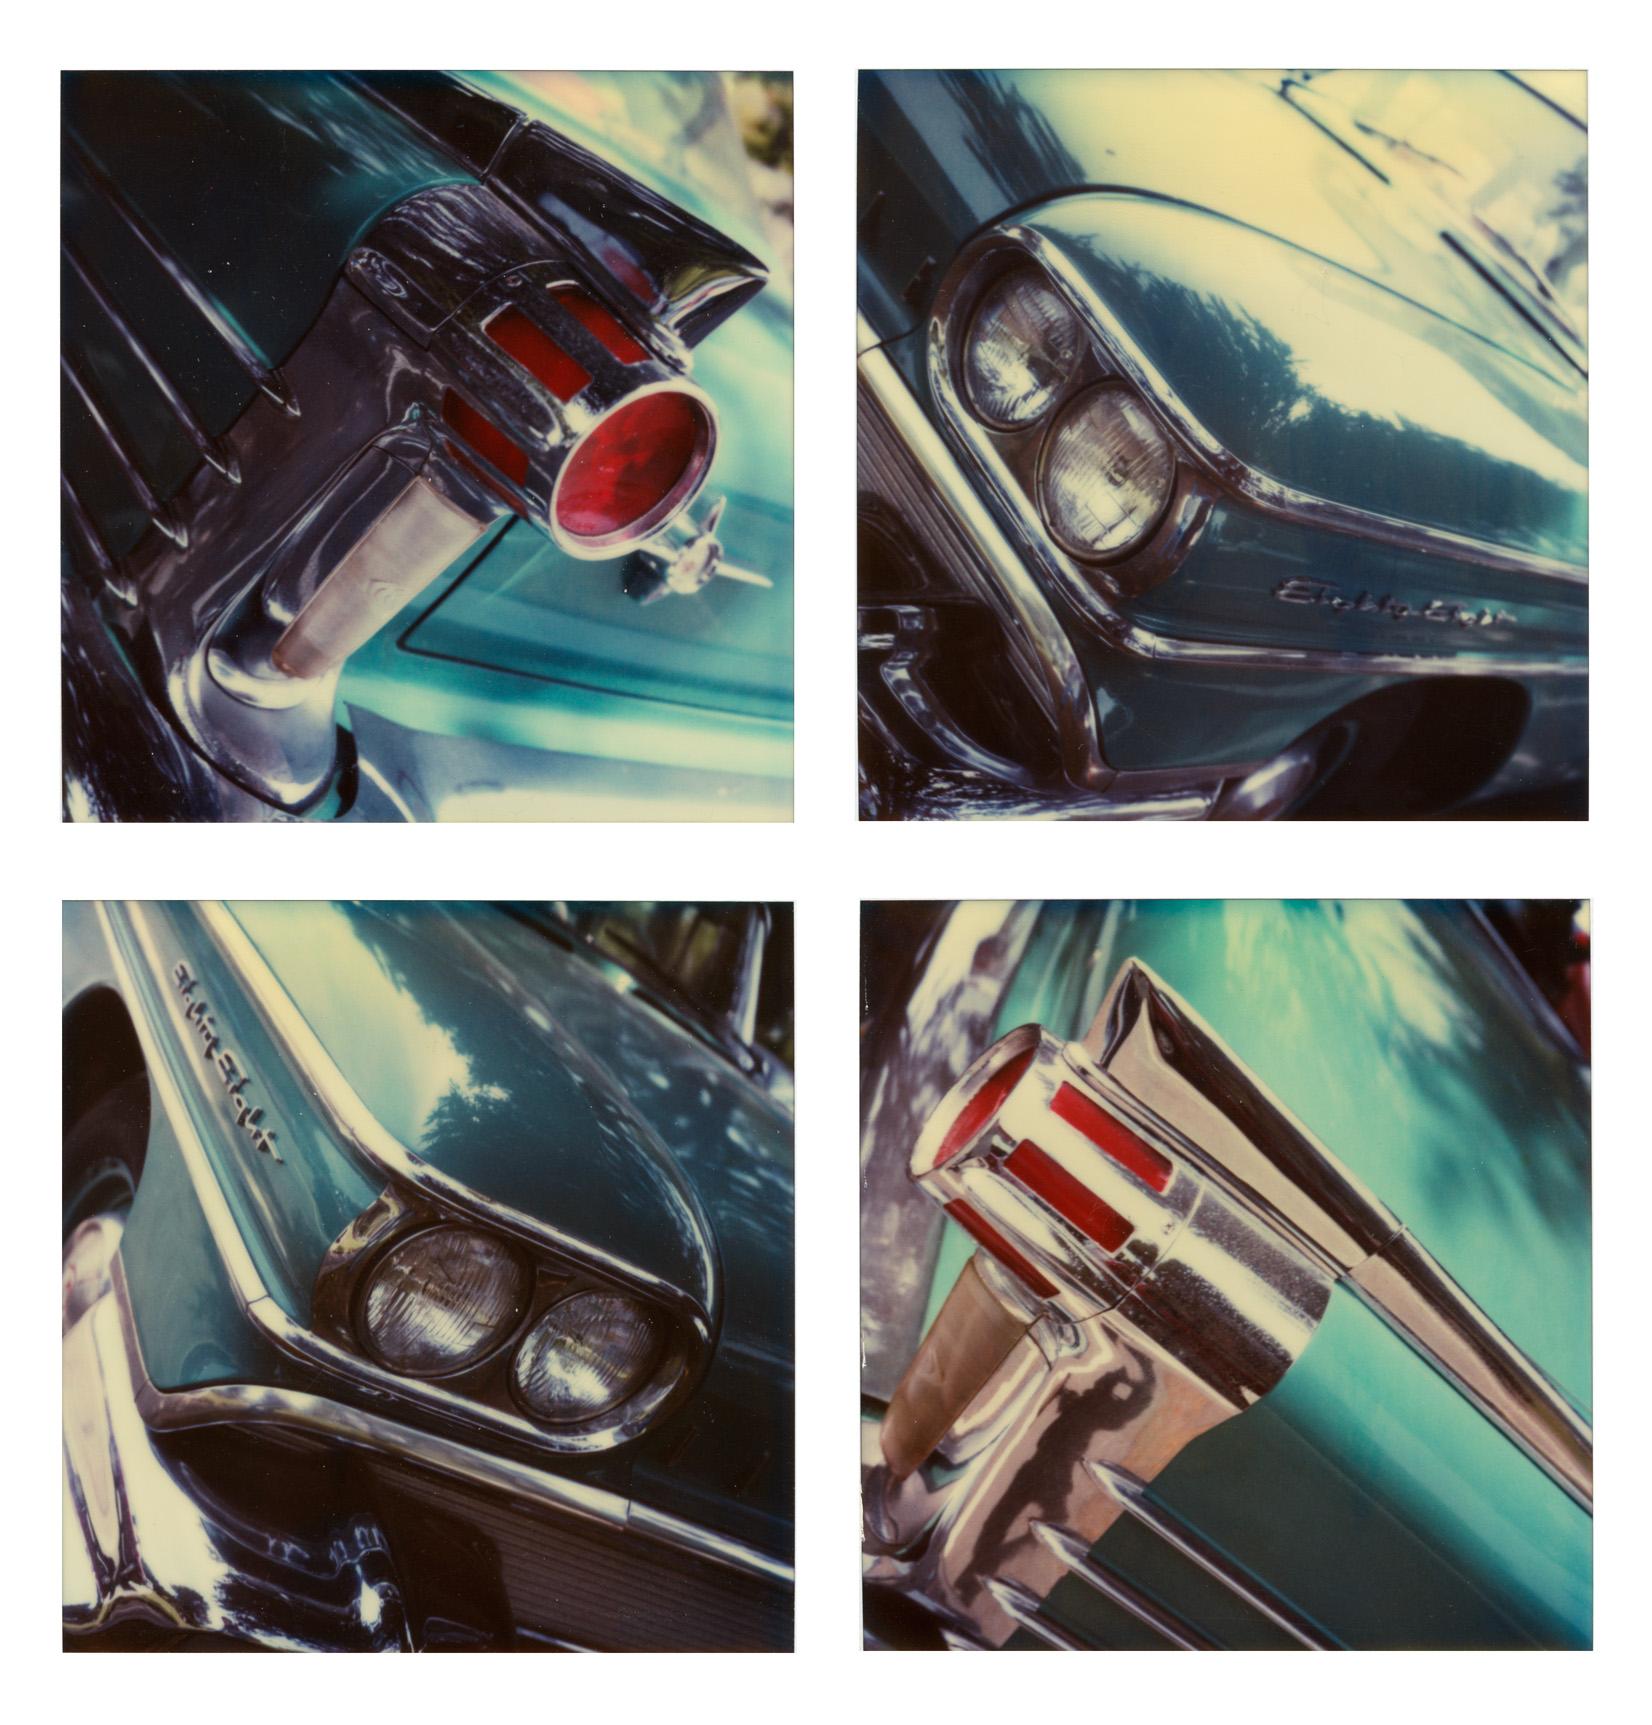 John A. Kane   Four Corners of an Oldsmobile Eighty-Eight , 1998  Four unique Polaroid SX-70 photographs